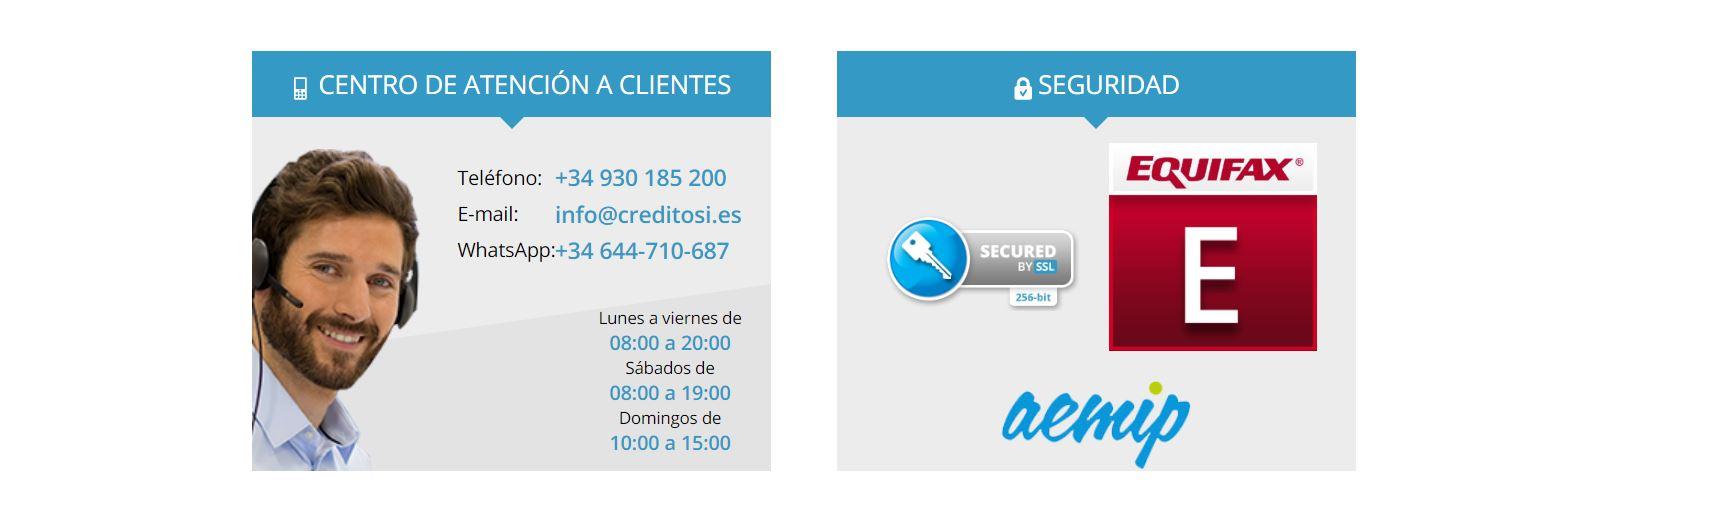 Creditosi es una entidad de créditos online.